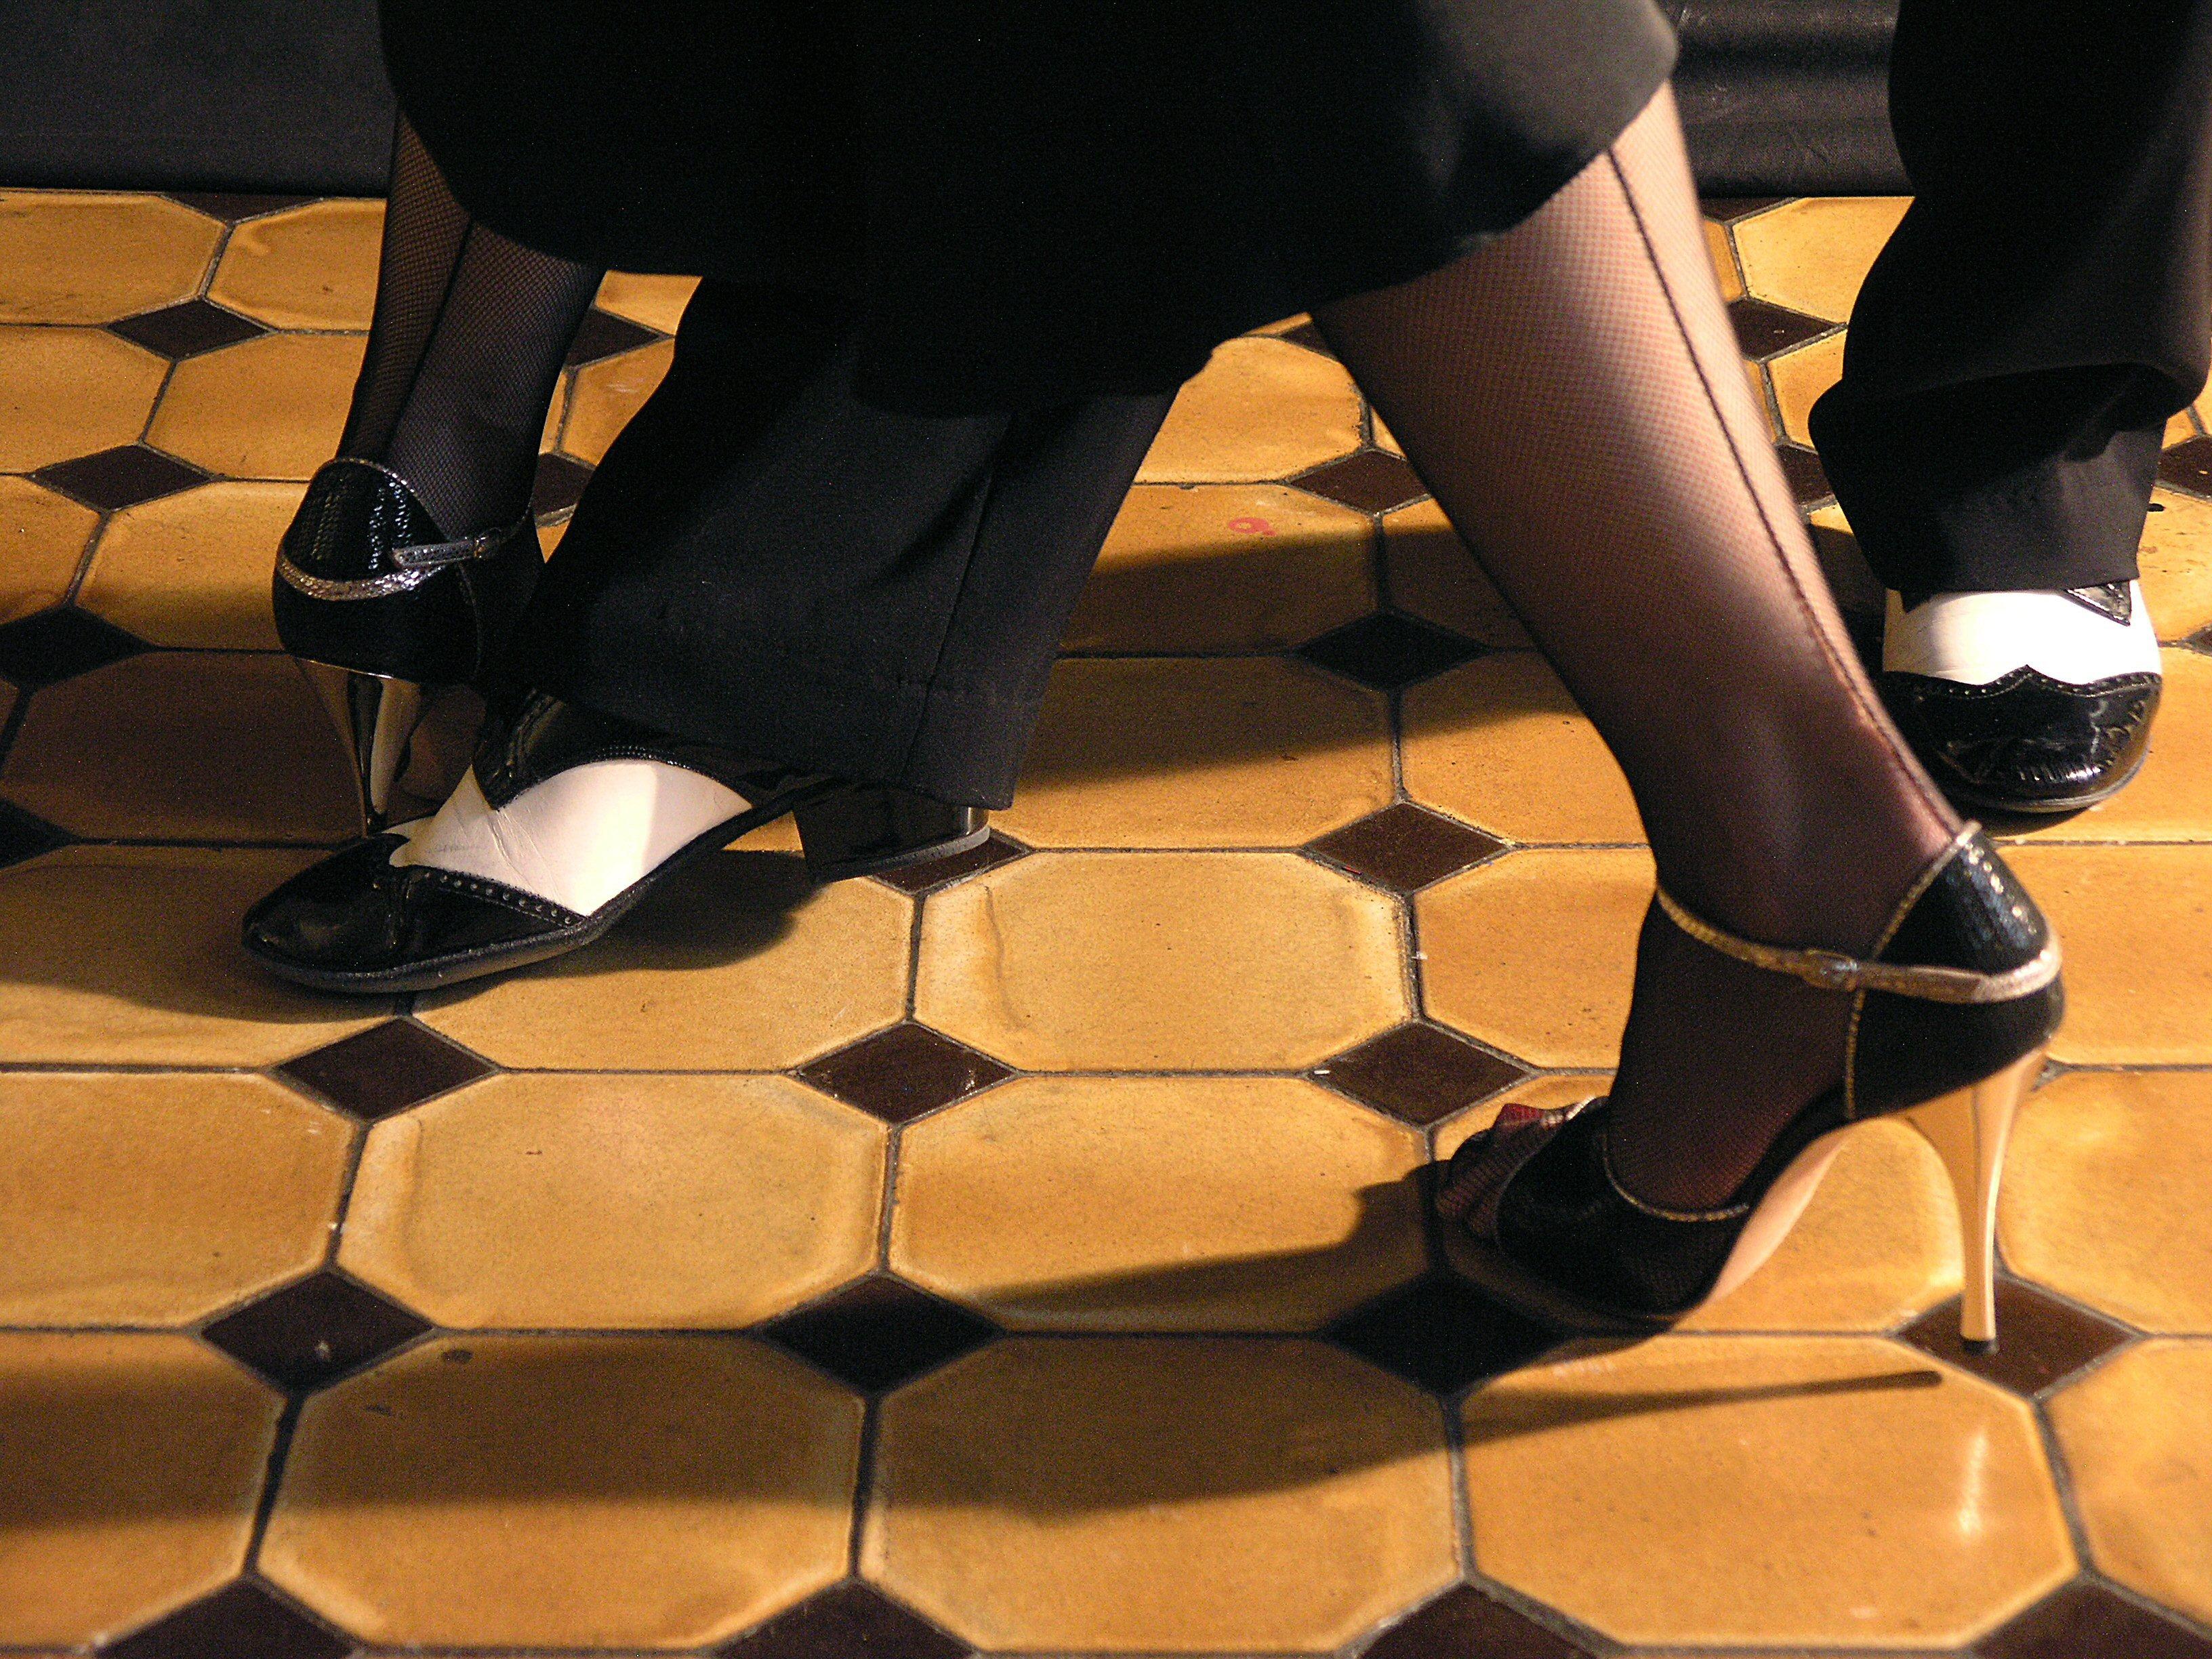 Les Tango Chaussures De Les Les Tango Argentin Argentin Chaussures De Chaussures 8nOkP0w